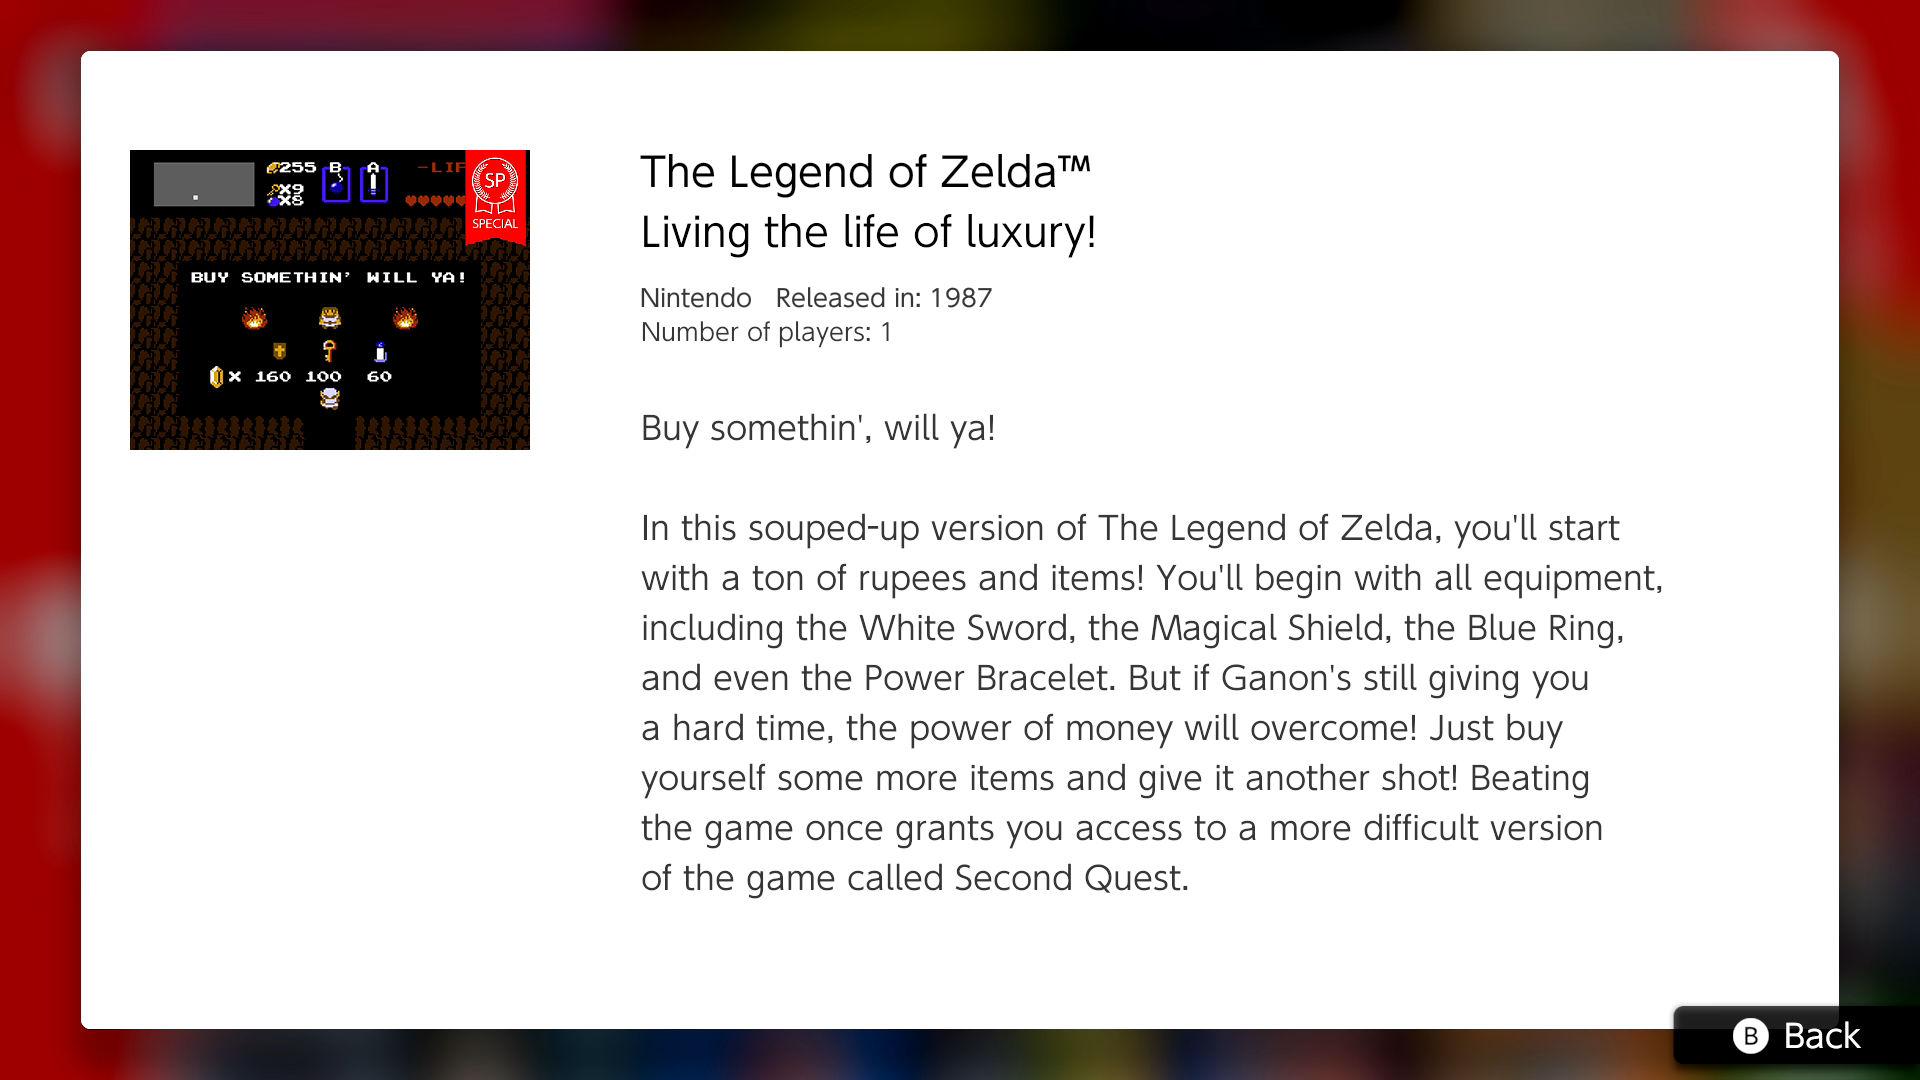 NES – Nintendo Switch Online adds The Legend of Zelda special version